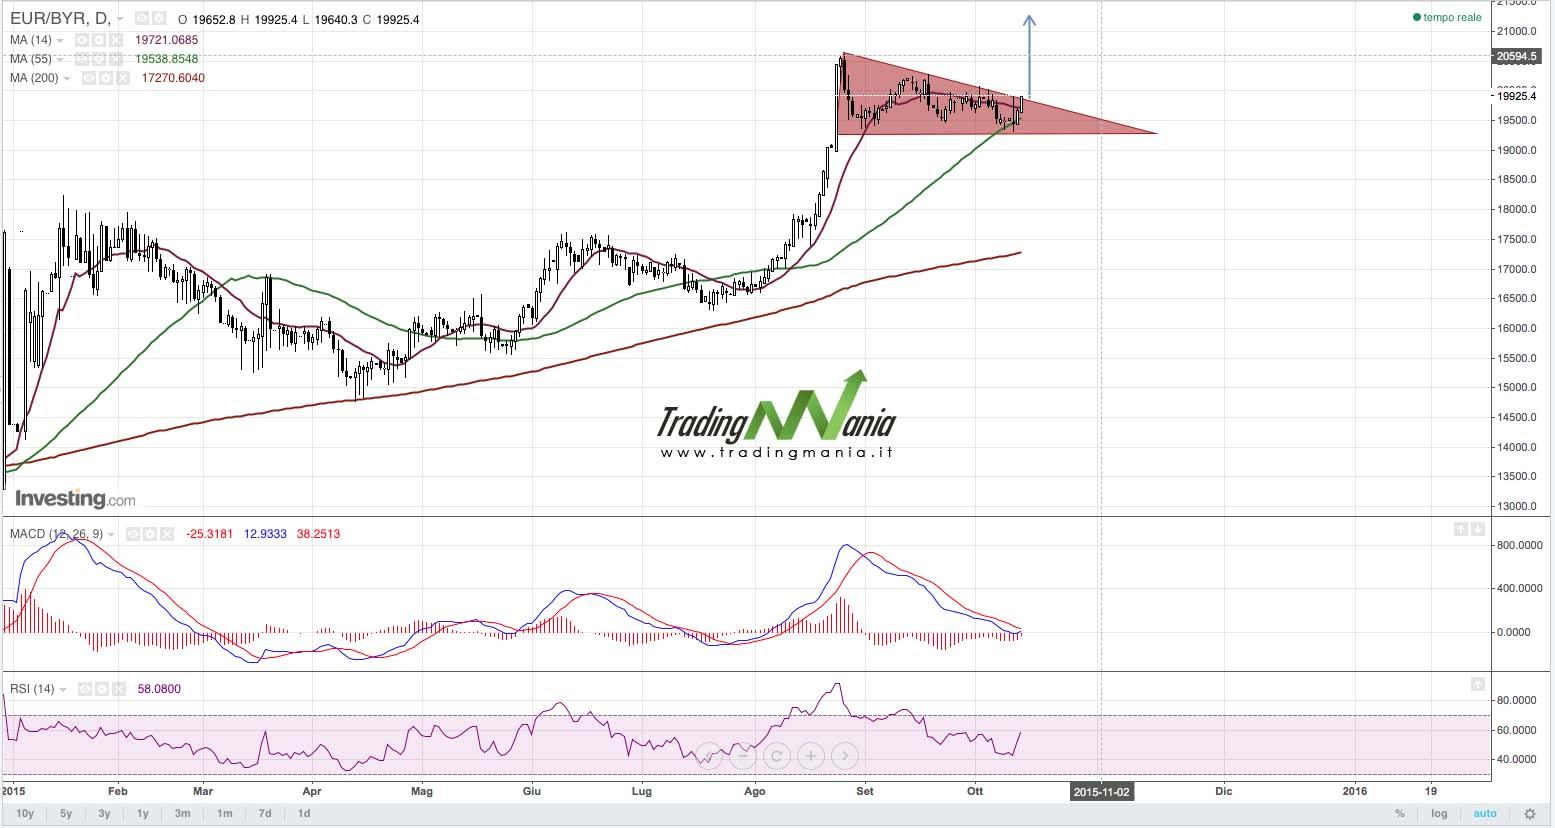 Strategia di trading online su Forex EURBYR